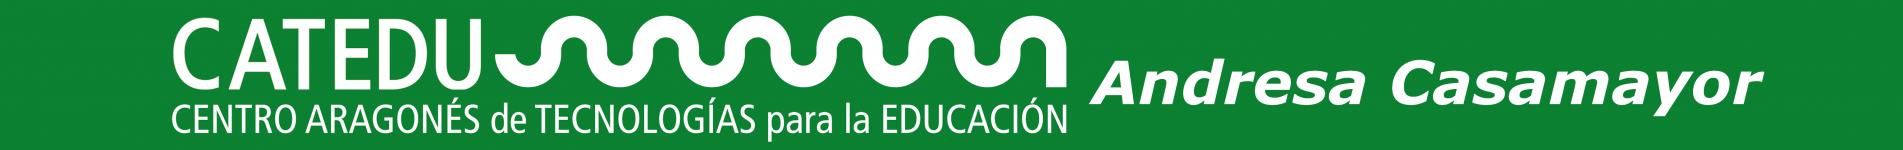 cabecera-catedu-andresa